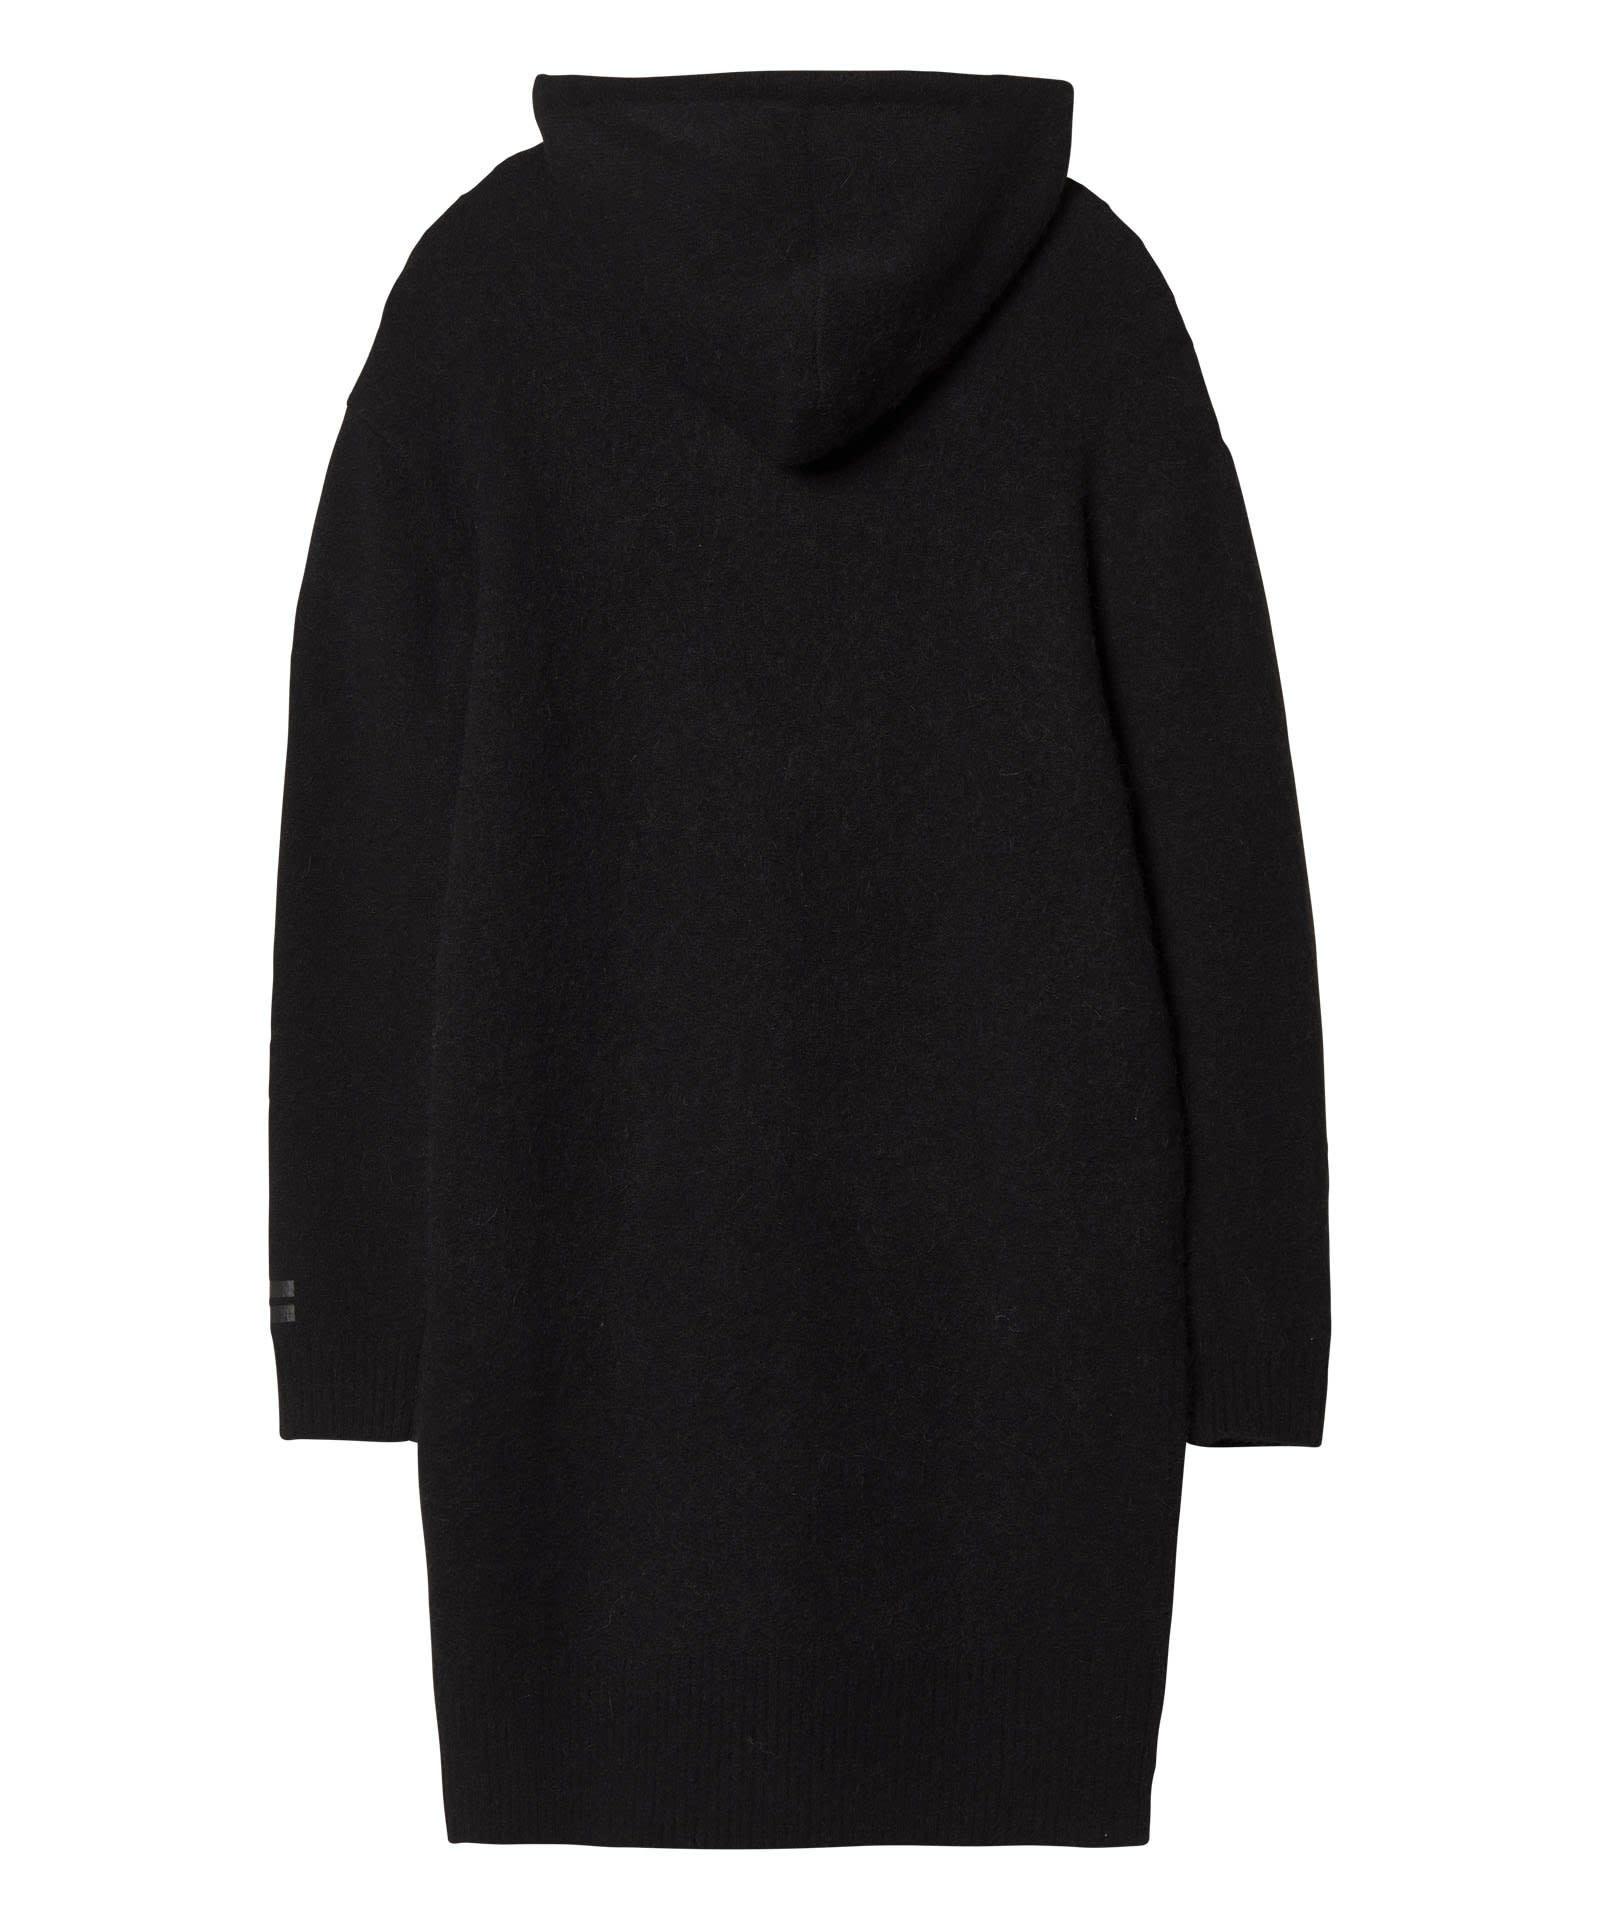 Trui Hoody Merino wool black-4